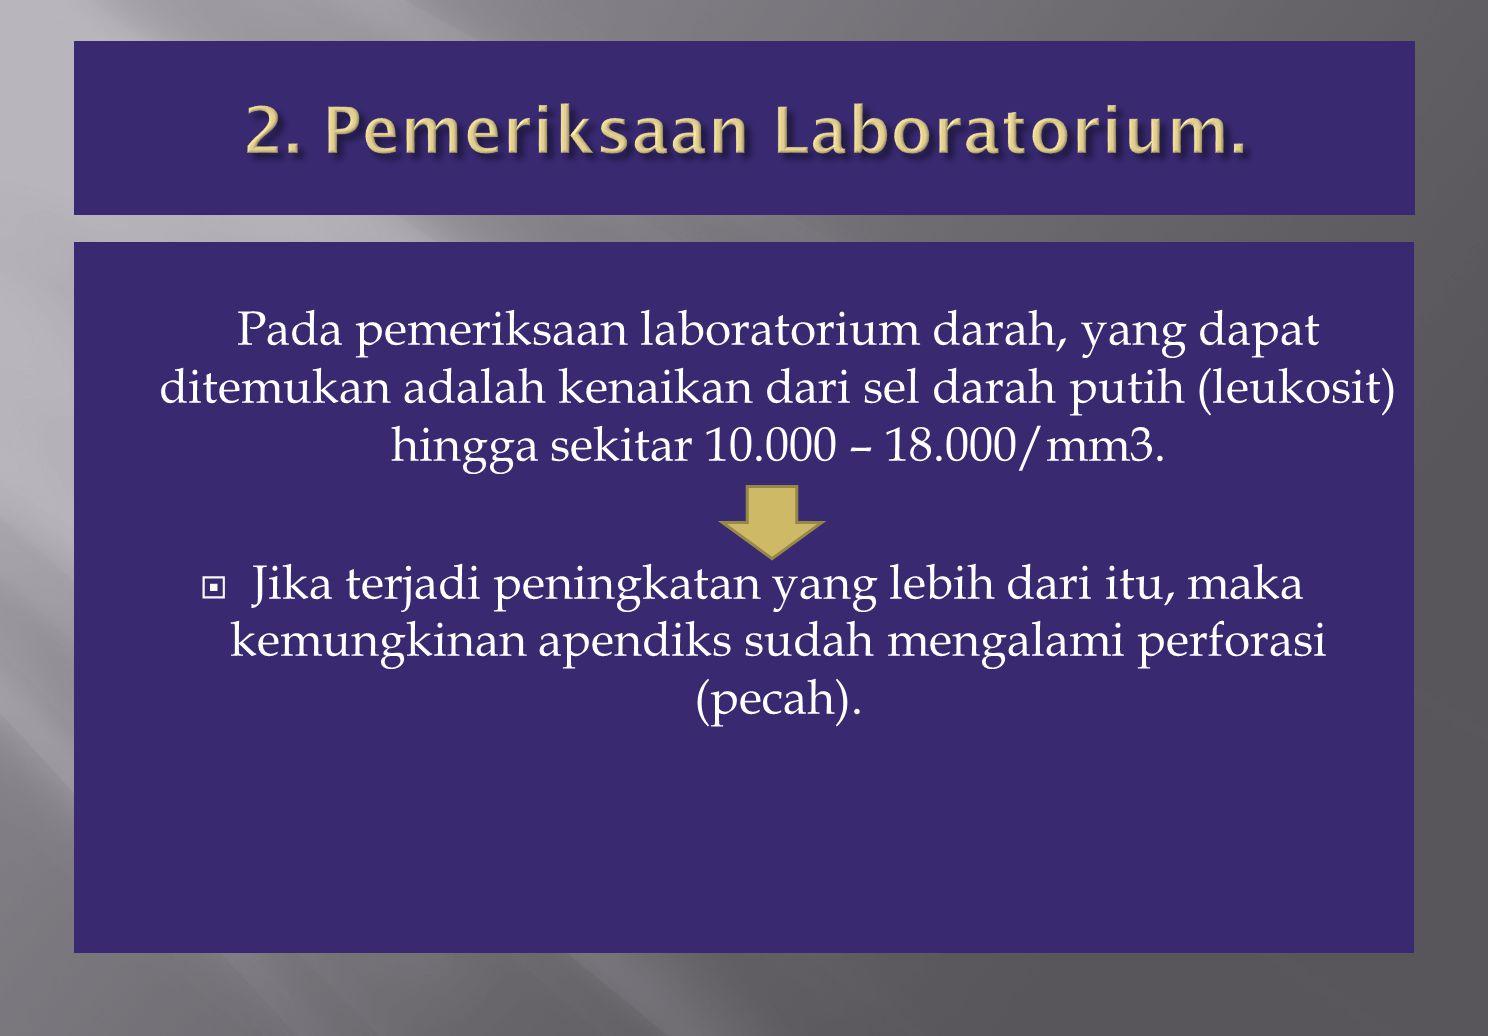 Pada pemeriksaan laboratorium darah, yang dapat ditemukan adalah kenaikan dari sel darah putih (leukosit) hingga sekitar 10.000 – 18.000/mm3.  Jika t